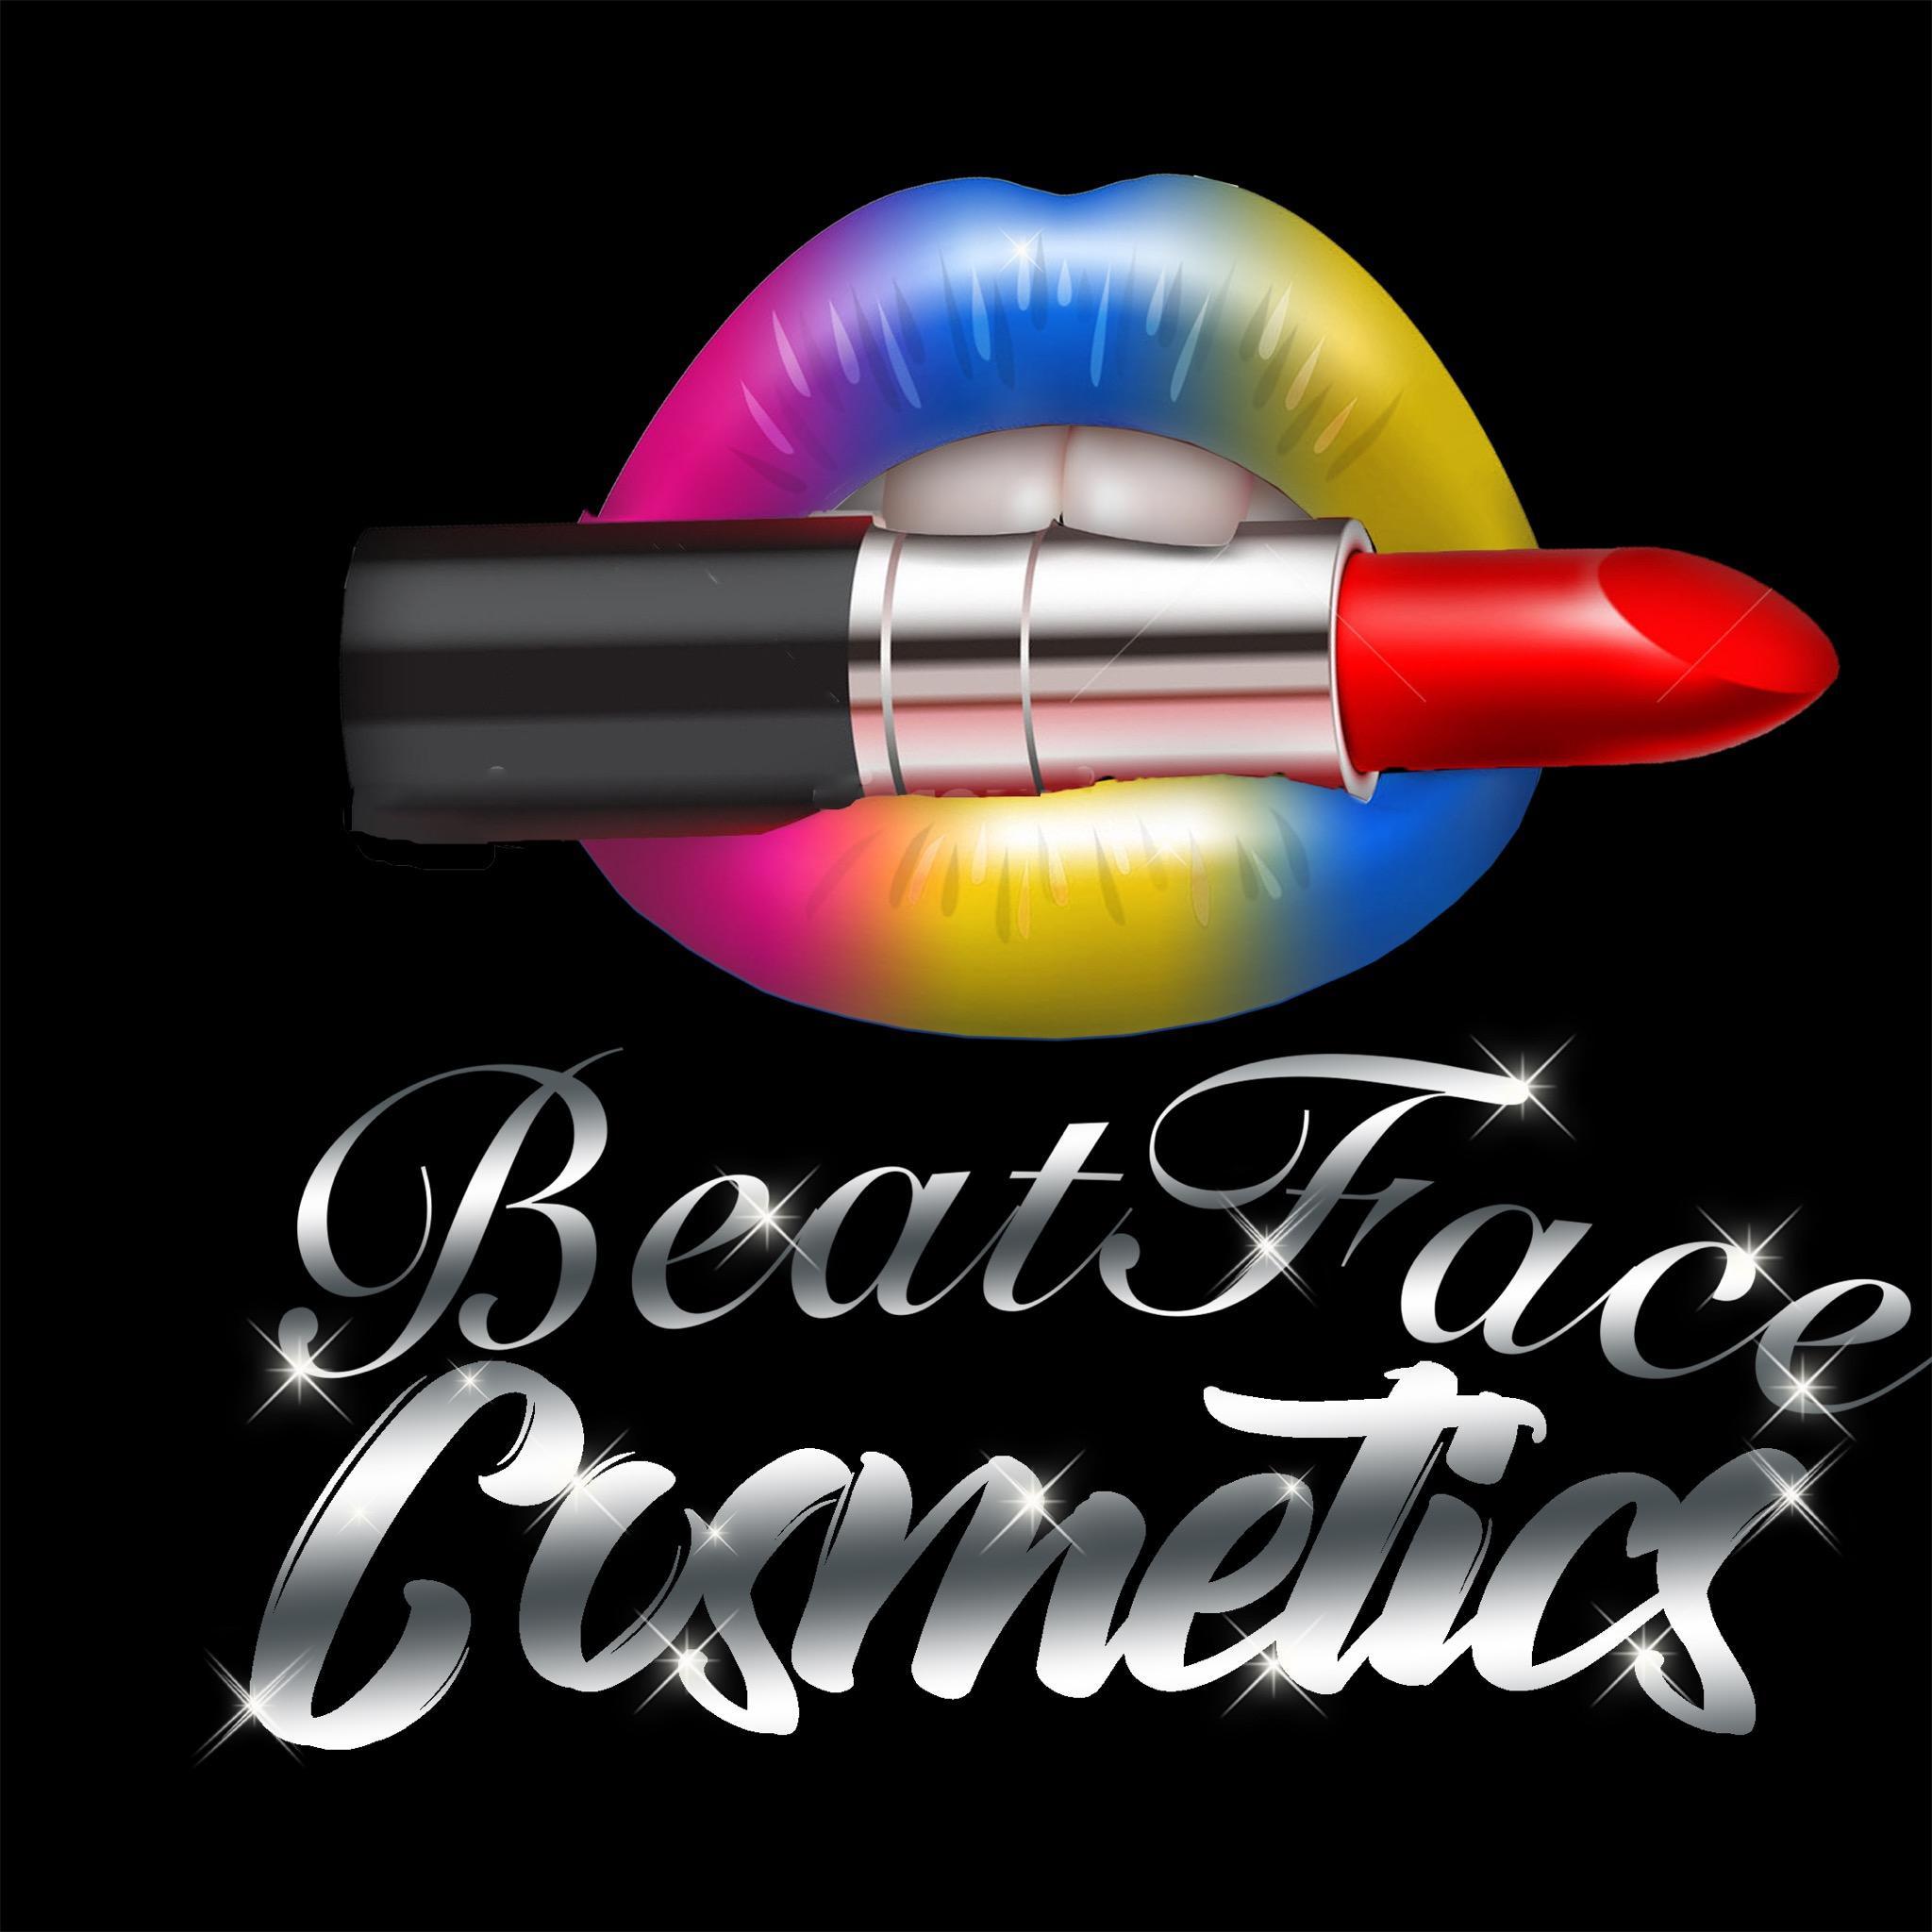 Beatface Cosemetics Logo